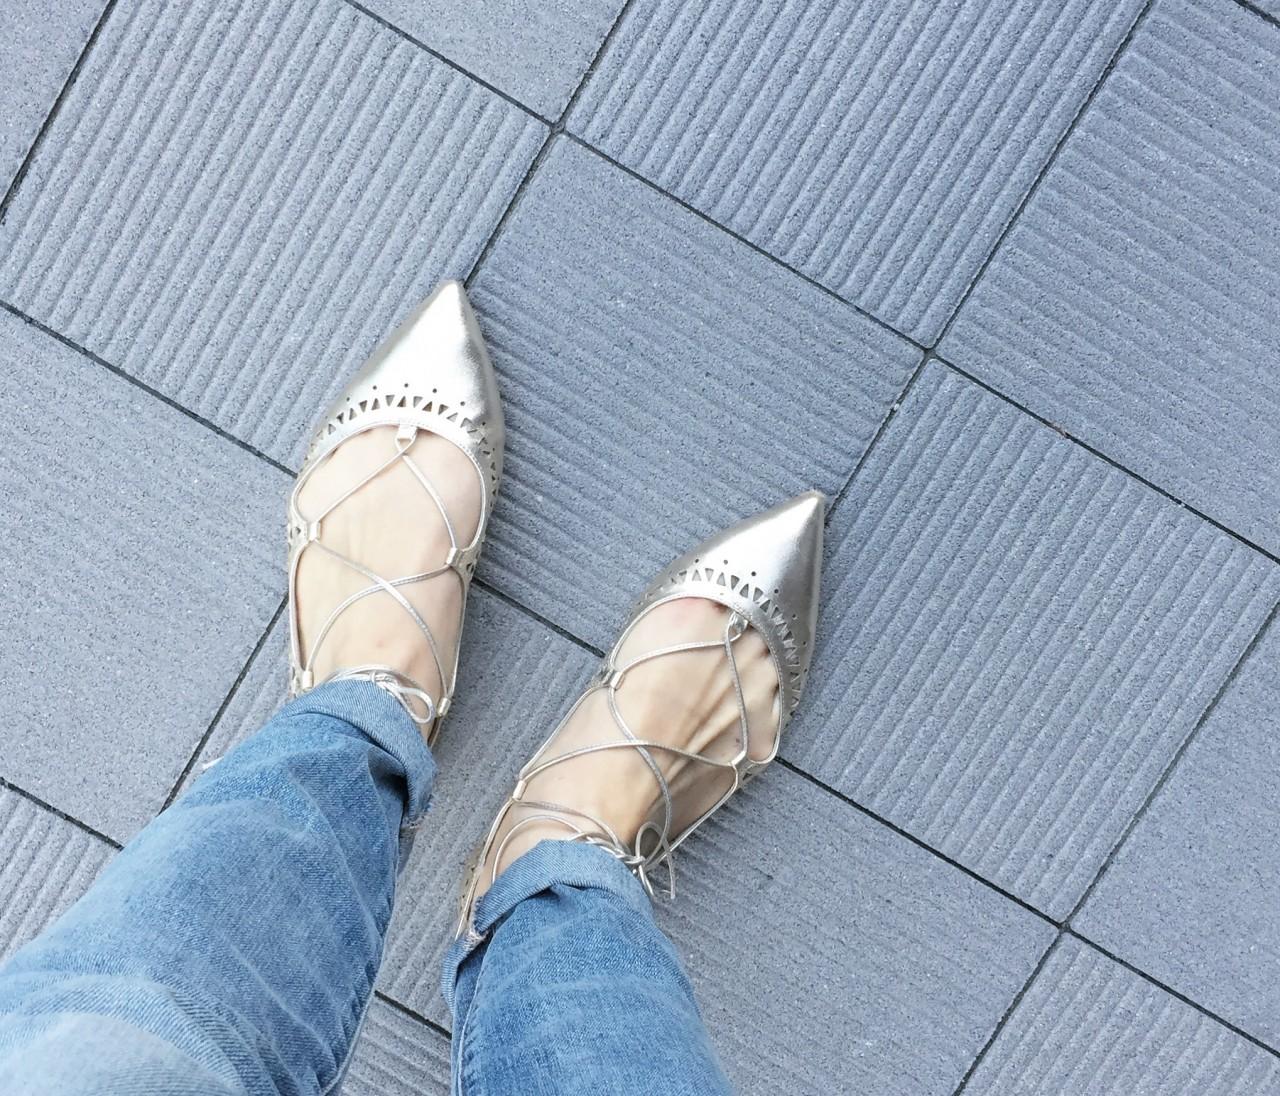 【休日コーデ】靴好きさんに薦めたい♡! カルツァイウォーリフィオレンティーニのレースアップシューズ